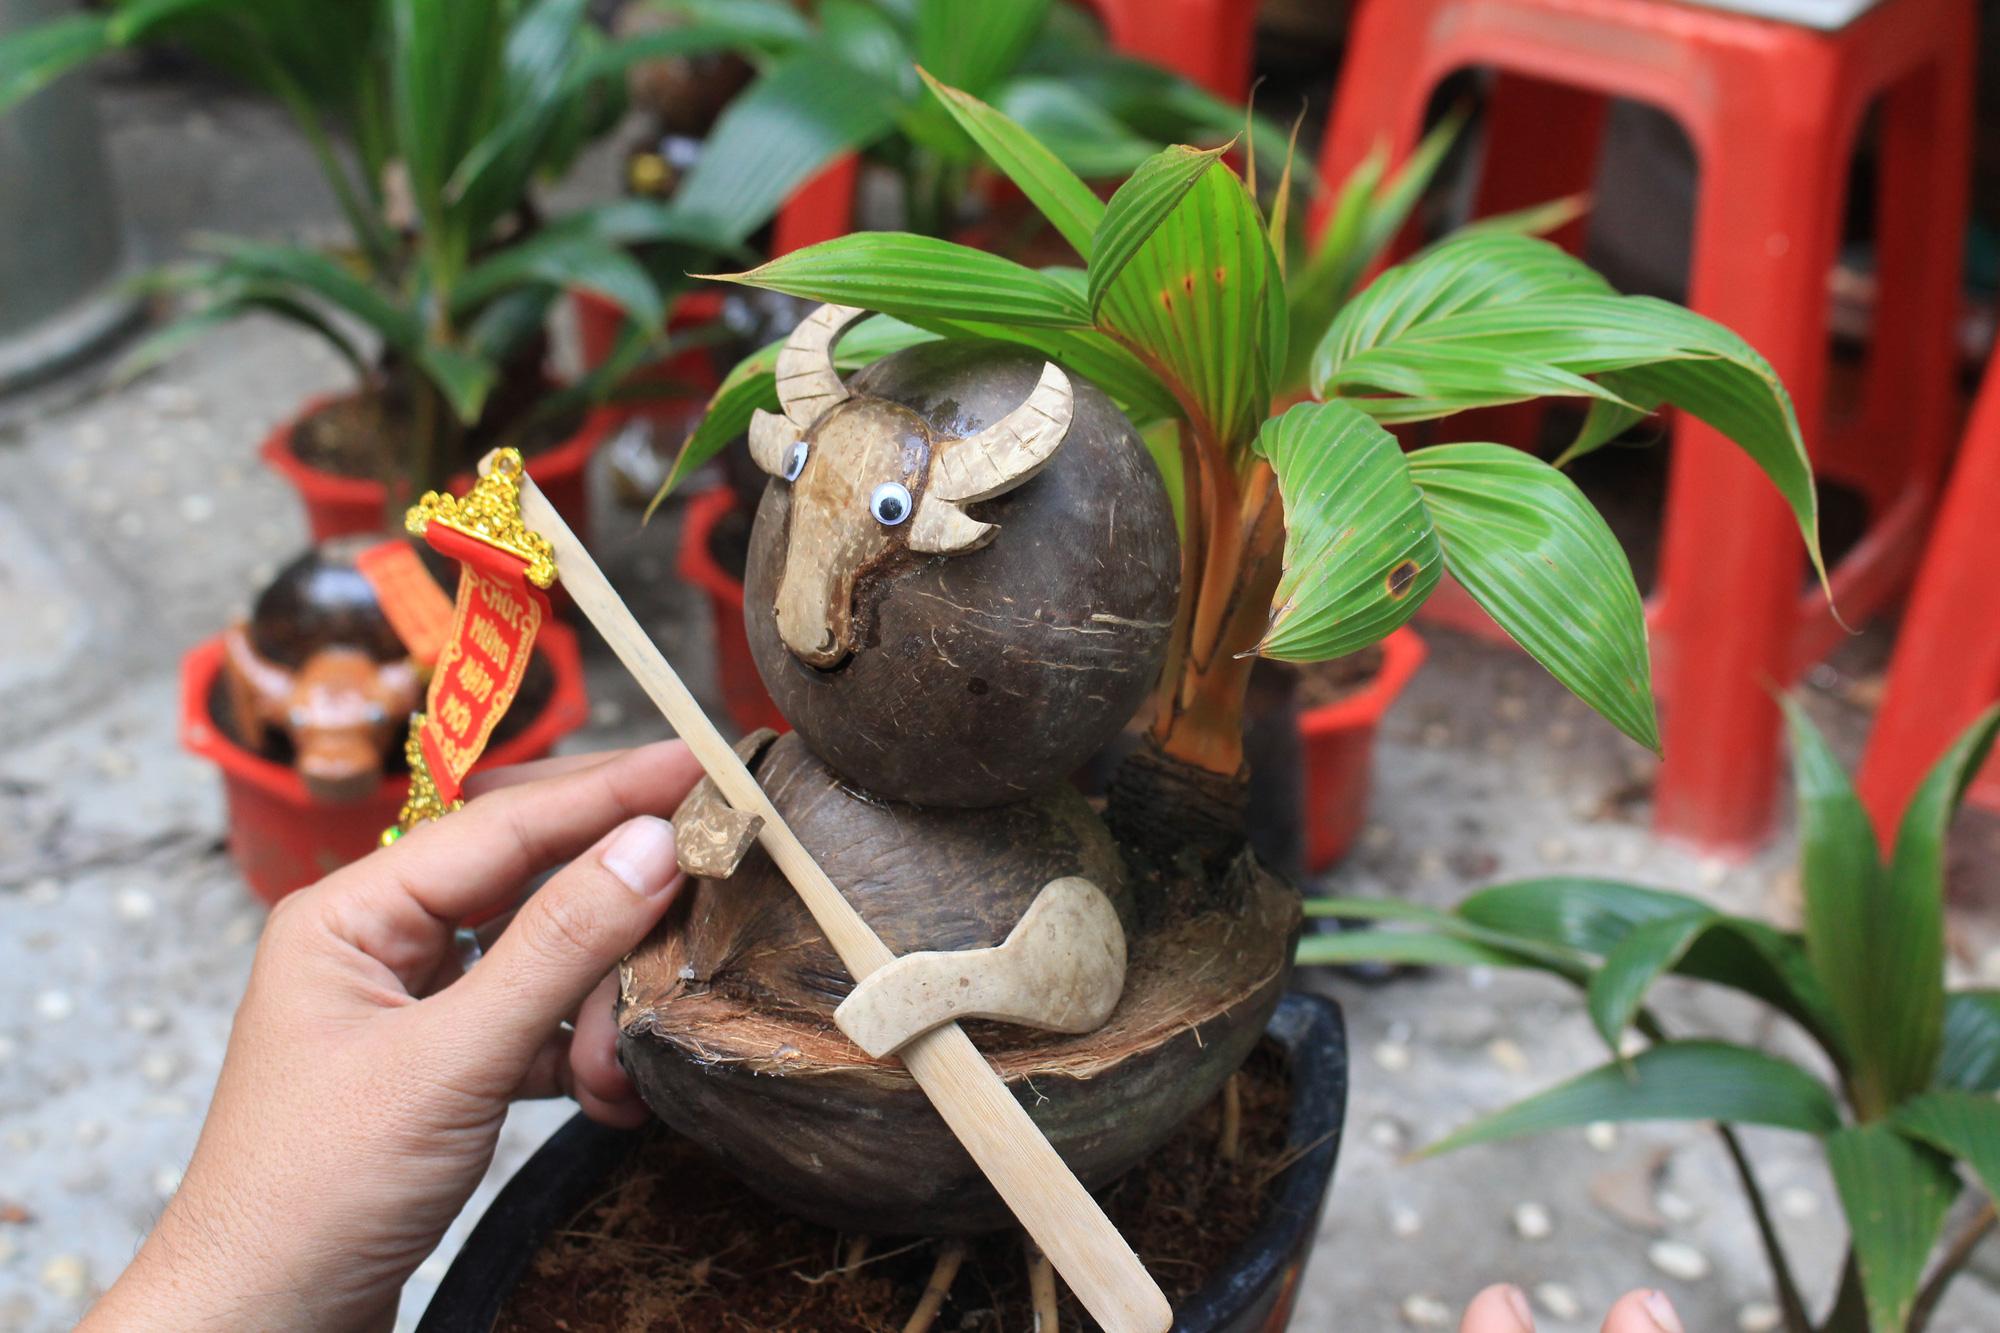 Độc đáo dừa khô bonsai hình trâu chơi Tết tiền triệu ở Sài Gòn - Ảnh 8.